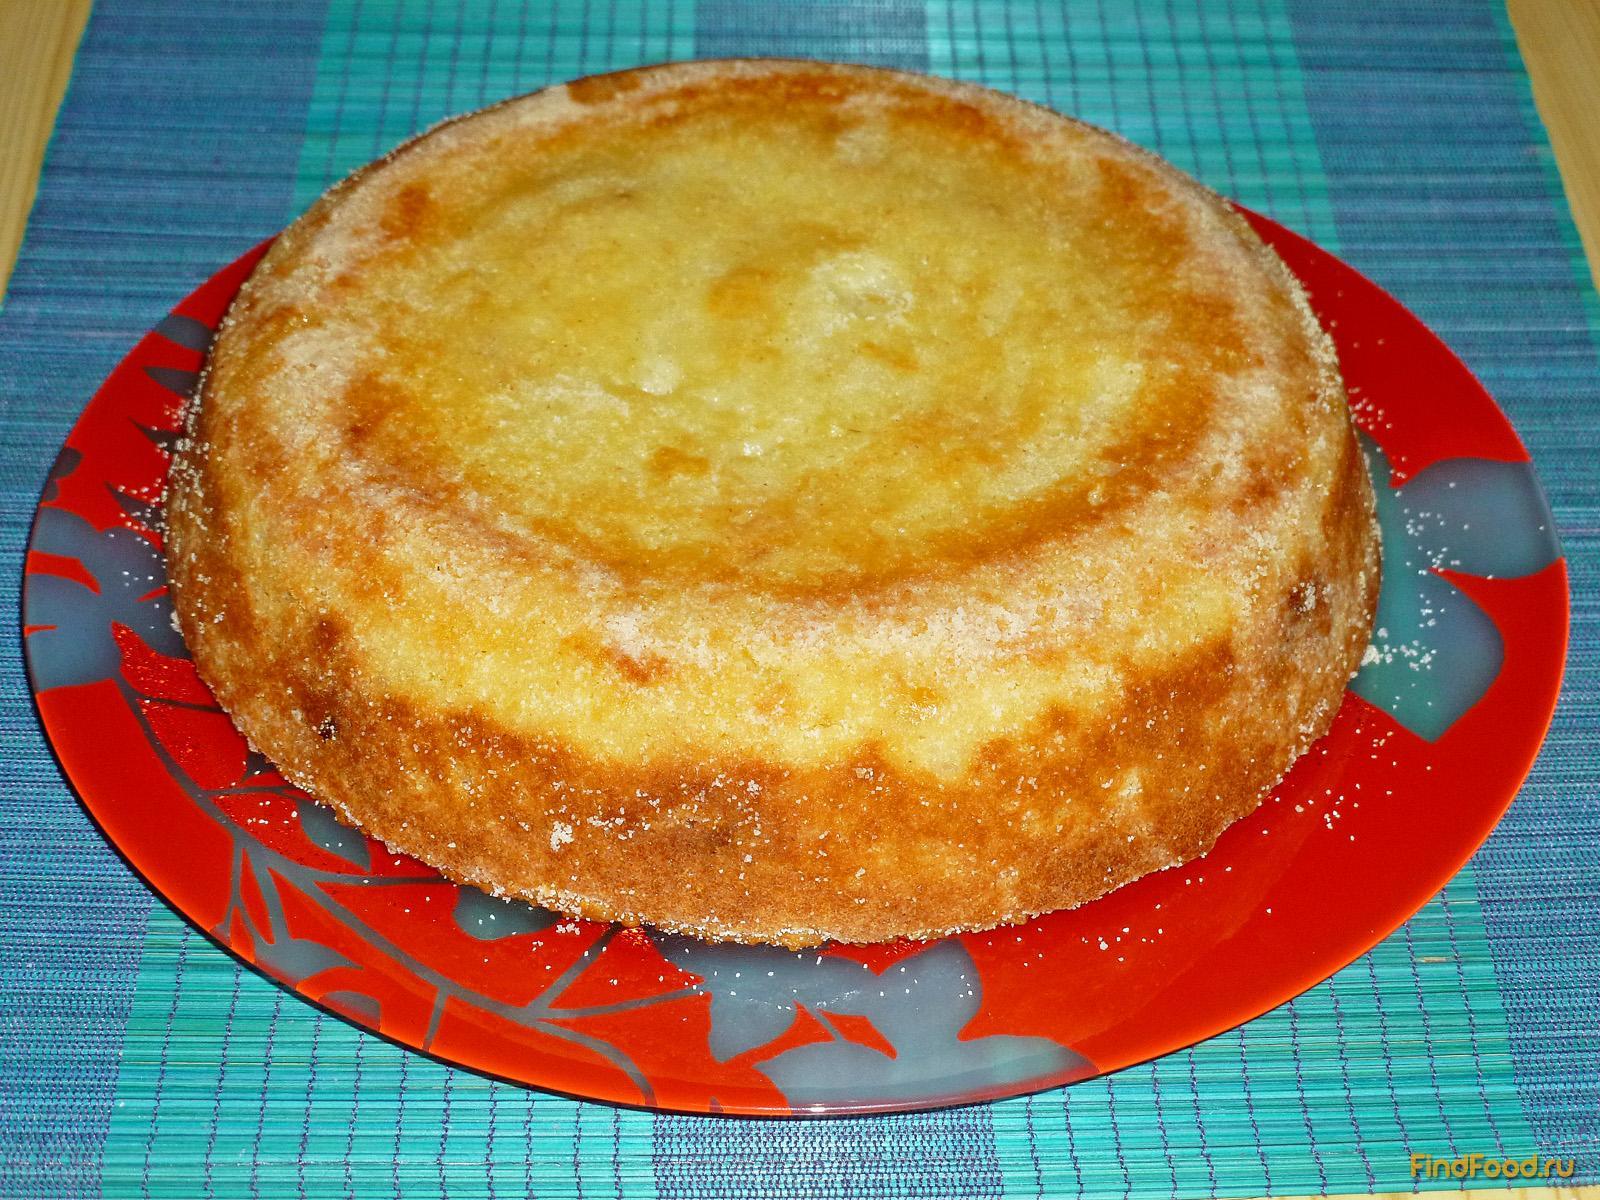 Крупеник из риса и пшена с вишней рецепт с фото 8-го шага